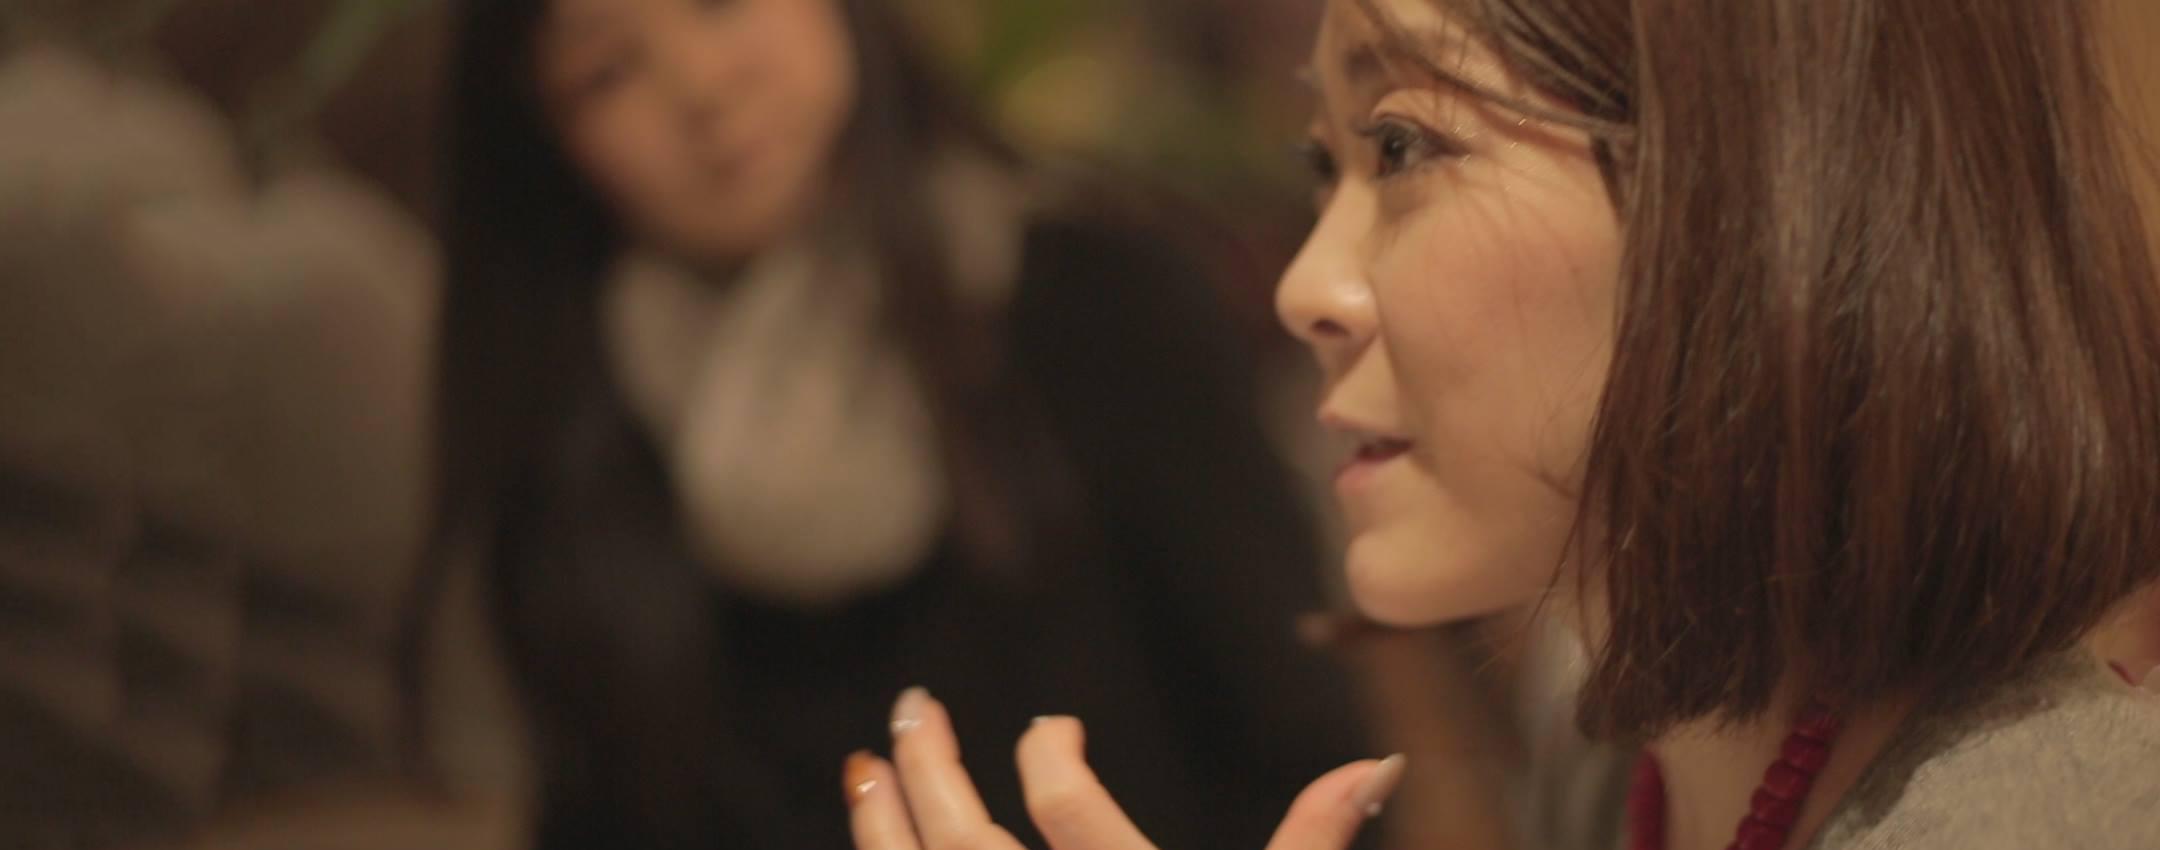 ごあいさつ | 柳澤由香のblog #001